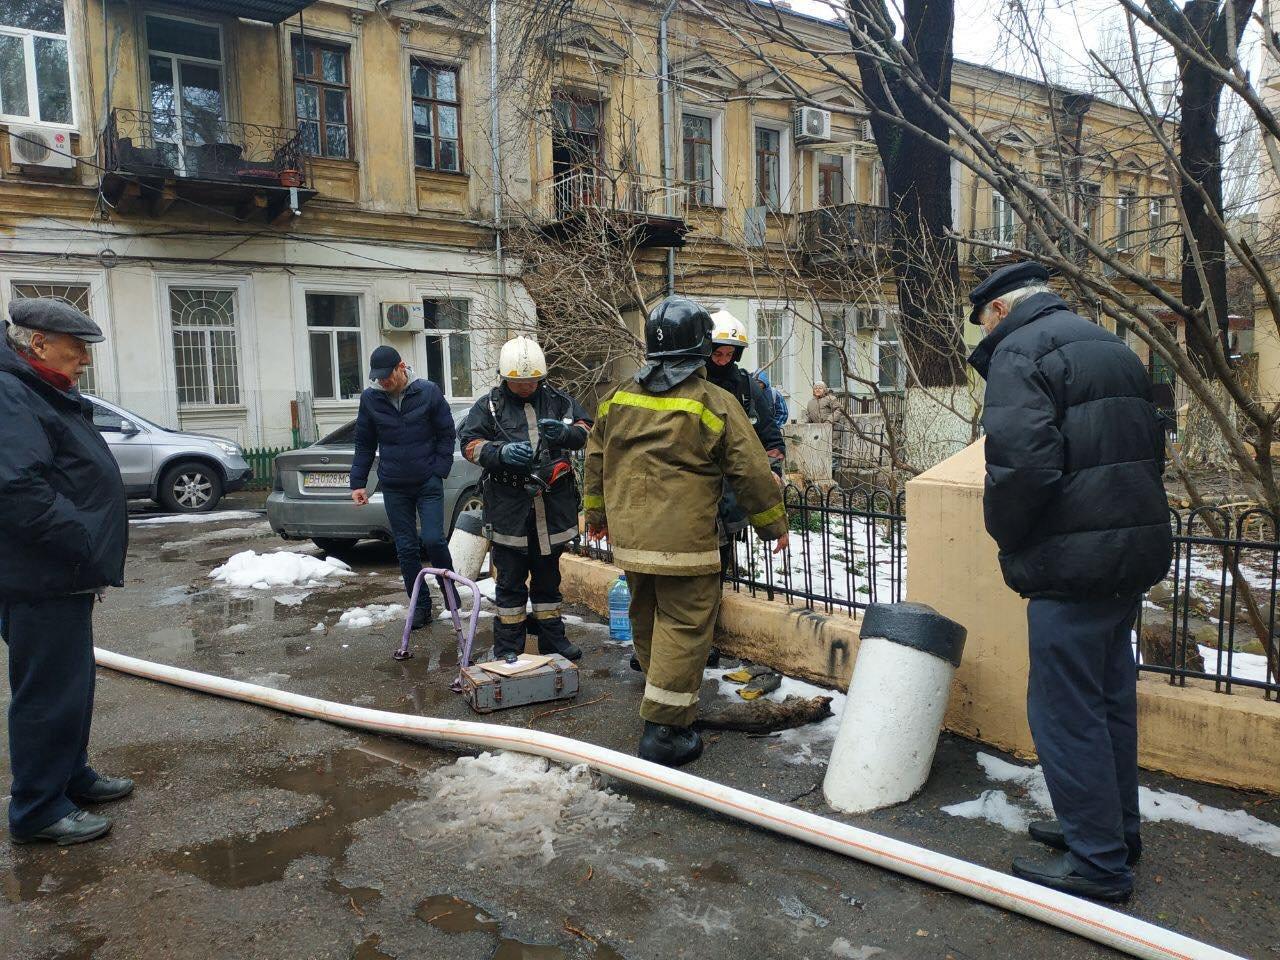 Пожар в Одессе сегодня: спасли кота, - ФОТО3